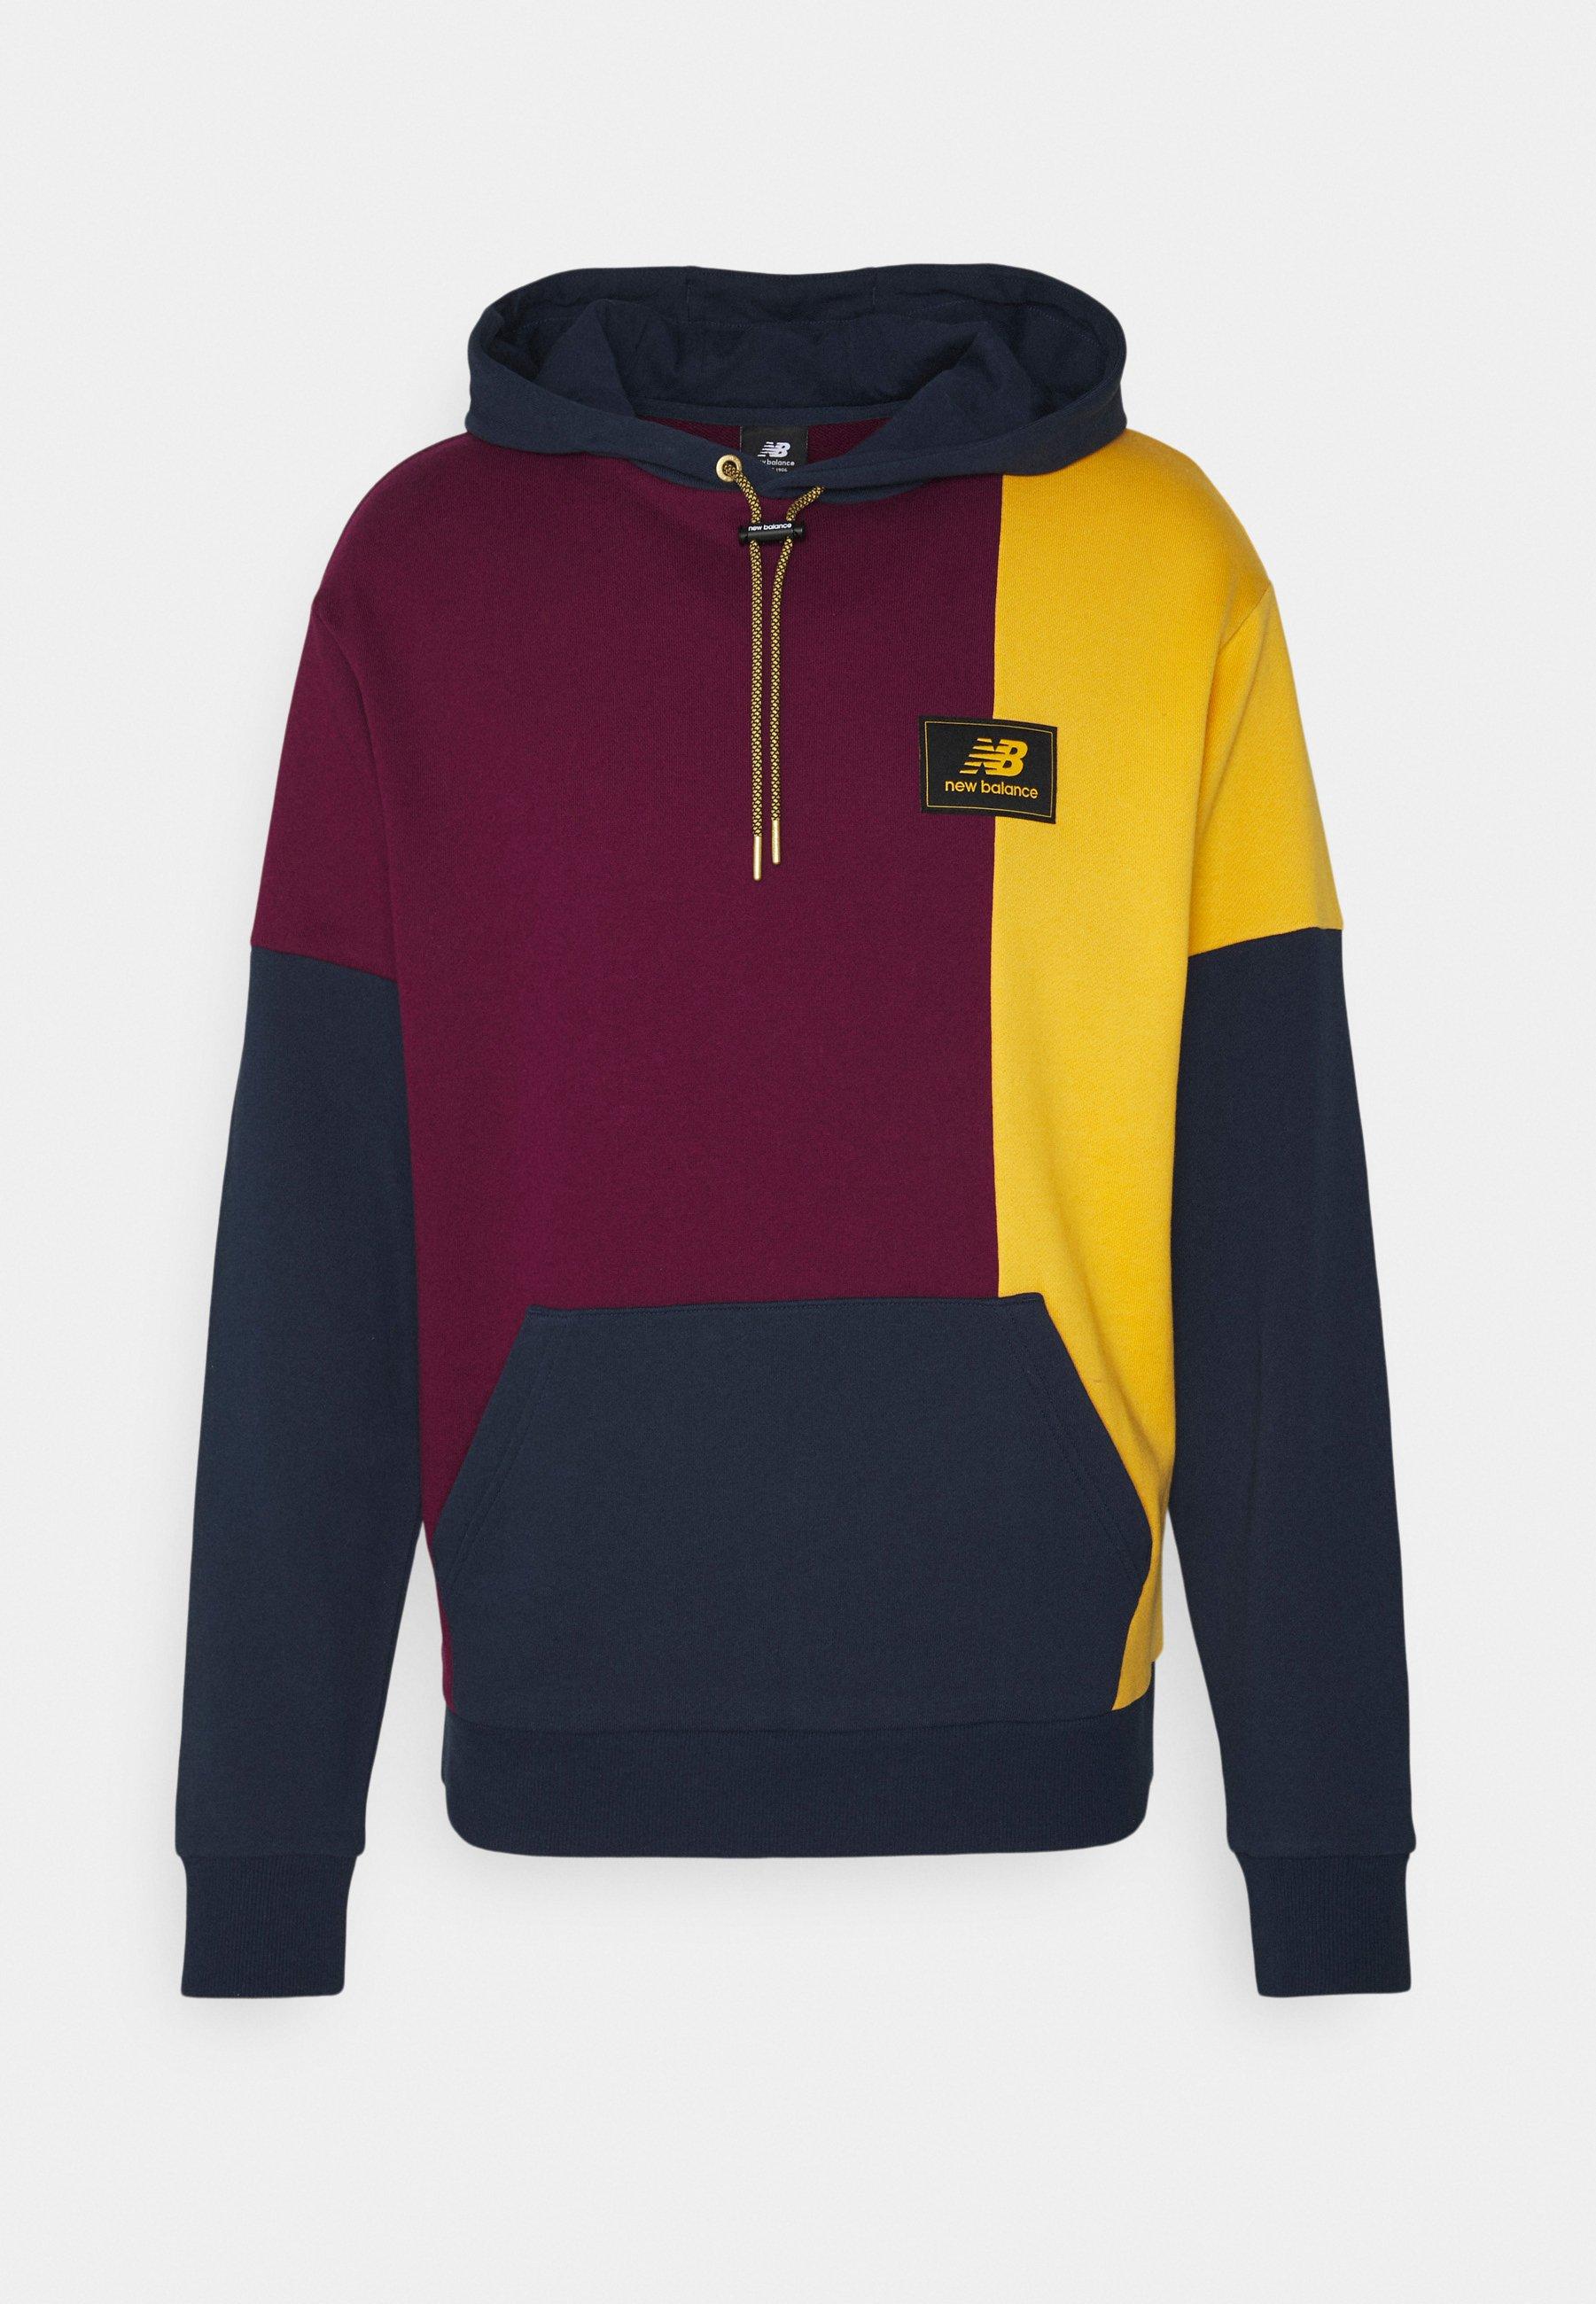 Homme NB ATHLETICS HIGHER LEARNING HOODIE - Sweatshirt